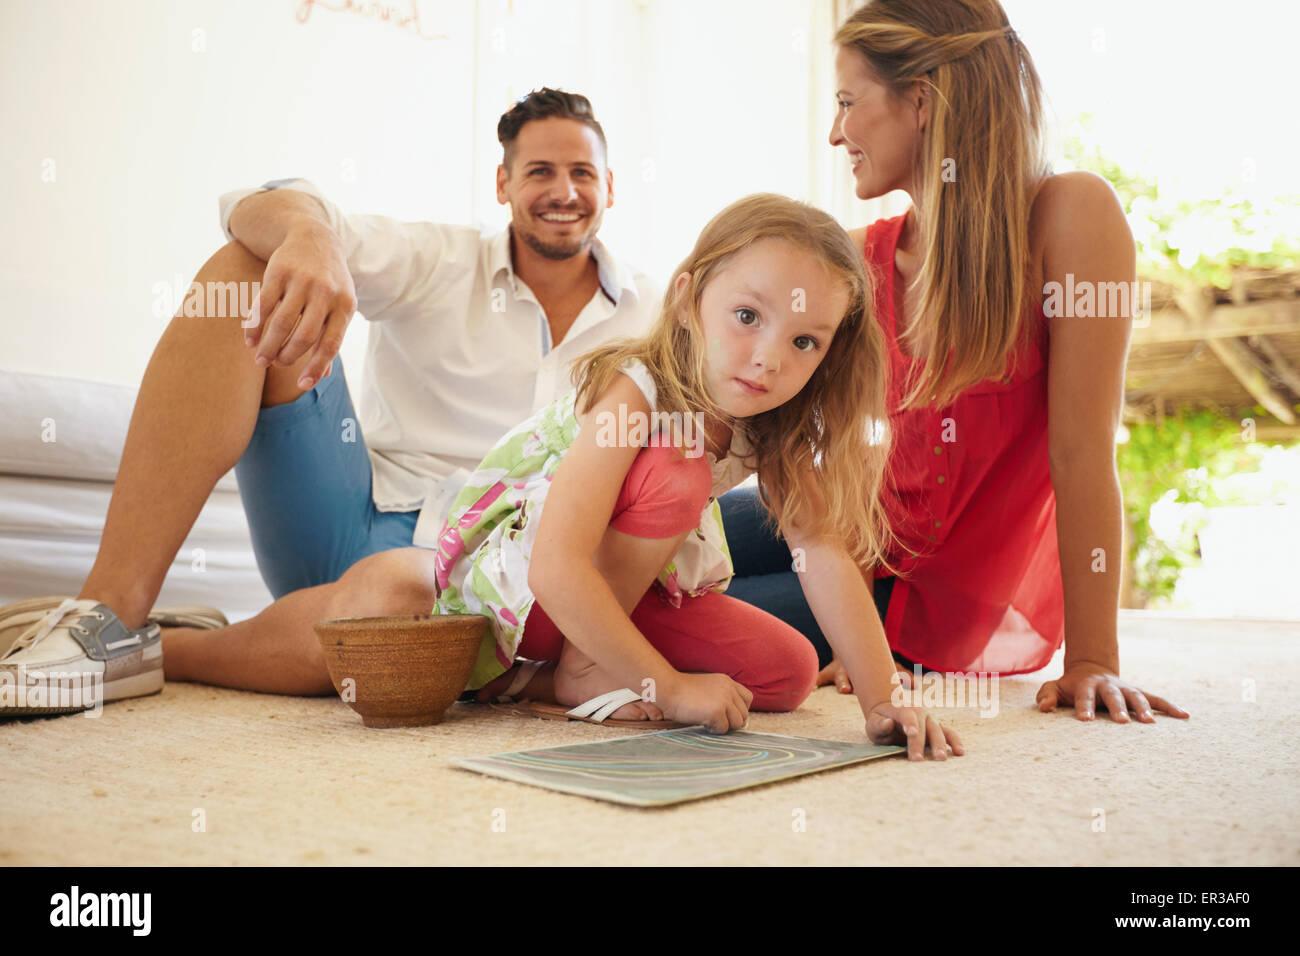 Piscina colpo di carino bambina dipinto con i suoi genitori seduti dietro di lei. Famiglia seduta sul pavimento Immagini Stock